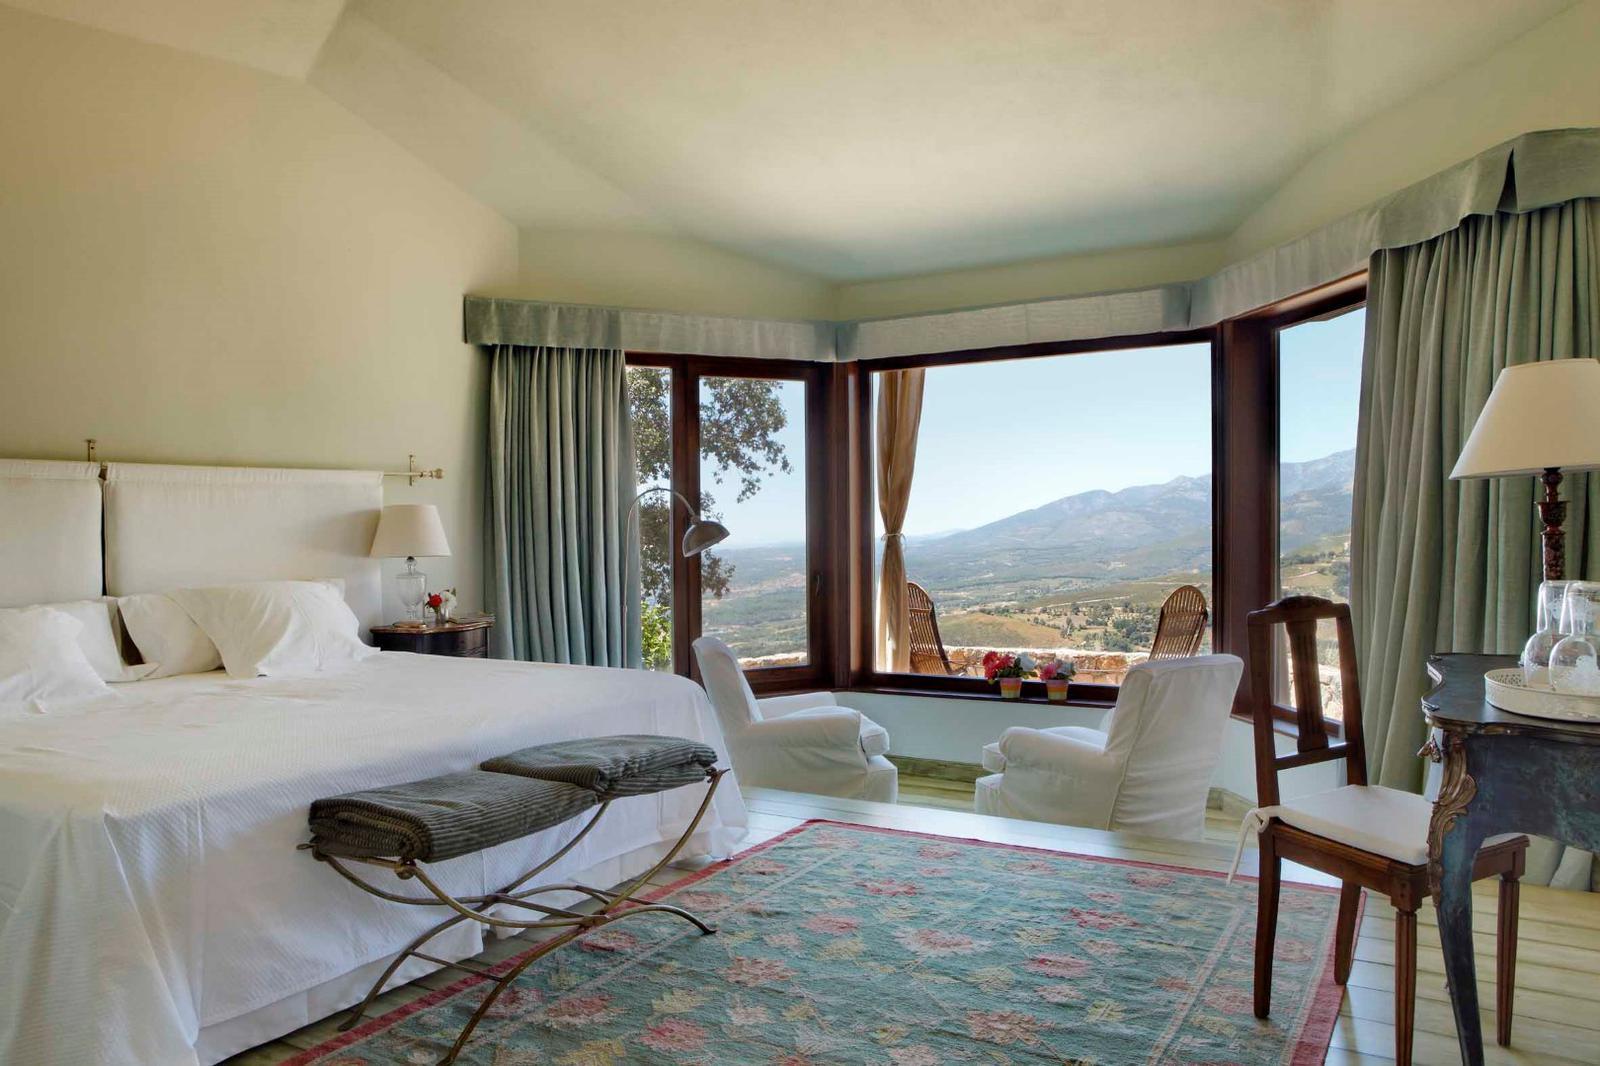 Los 10 mejores hoteles con vistas a la naturaleza for Hoteles con habitaciones dobles comunicadas